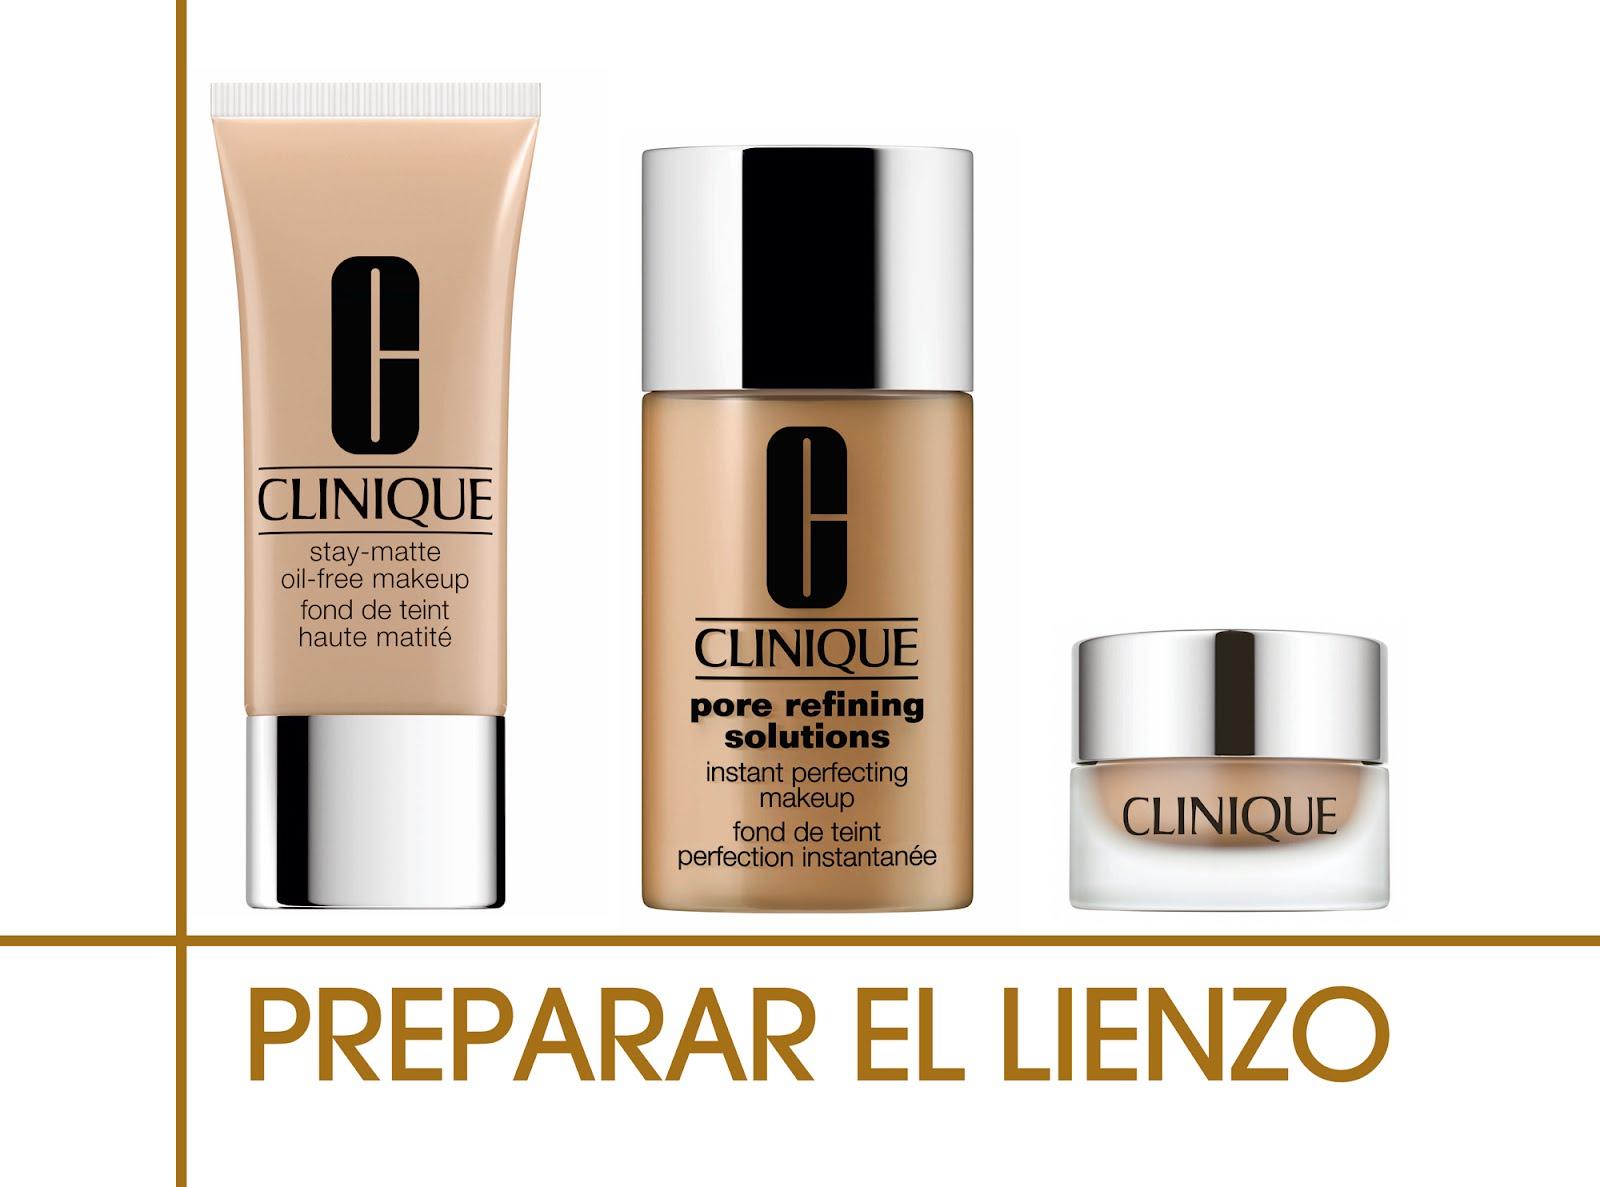 maquillaje clinique piel grasa